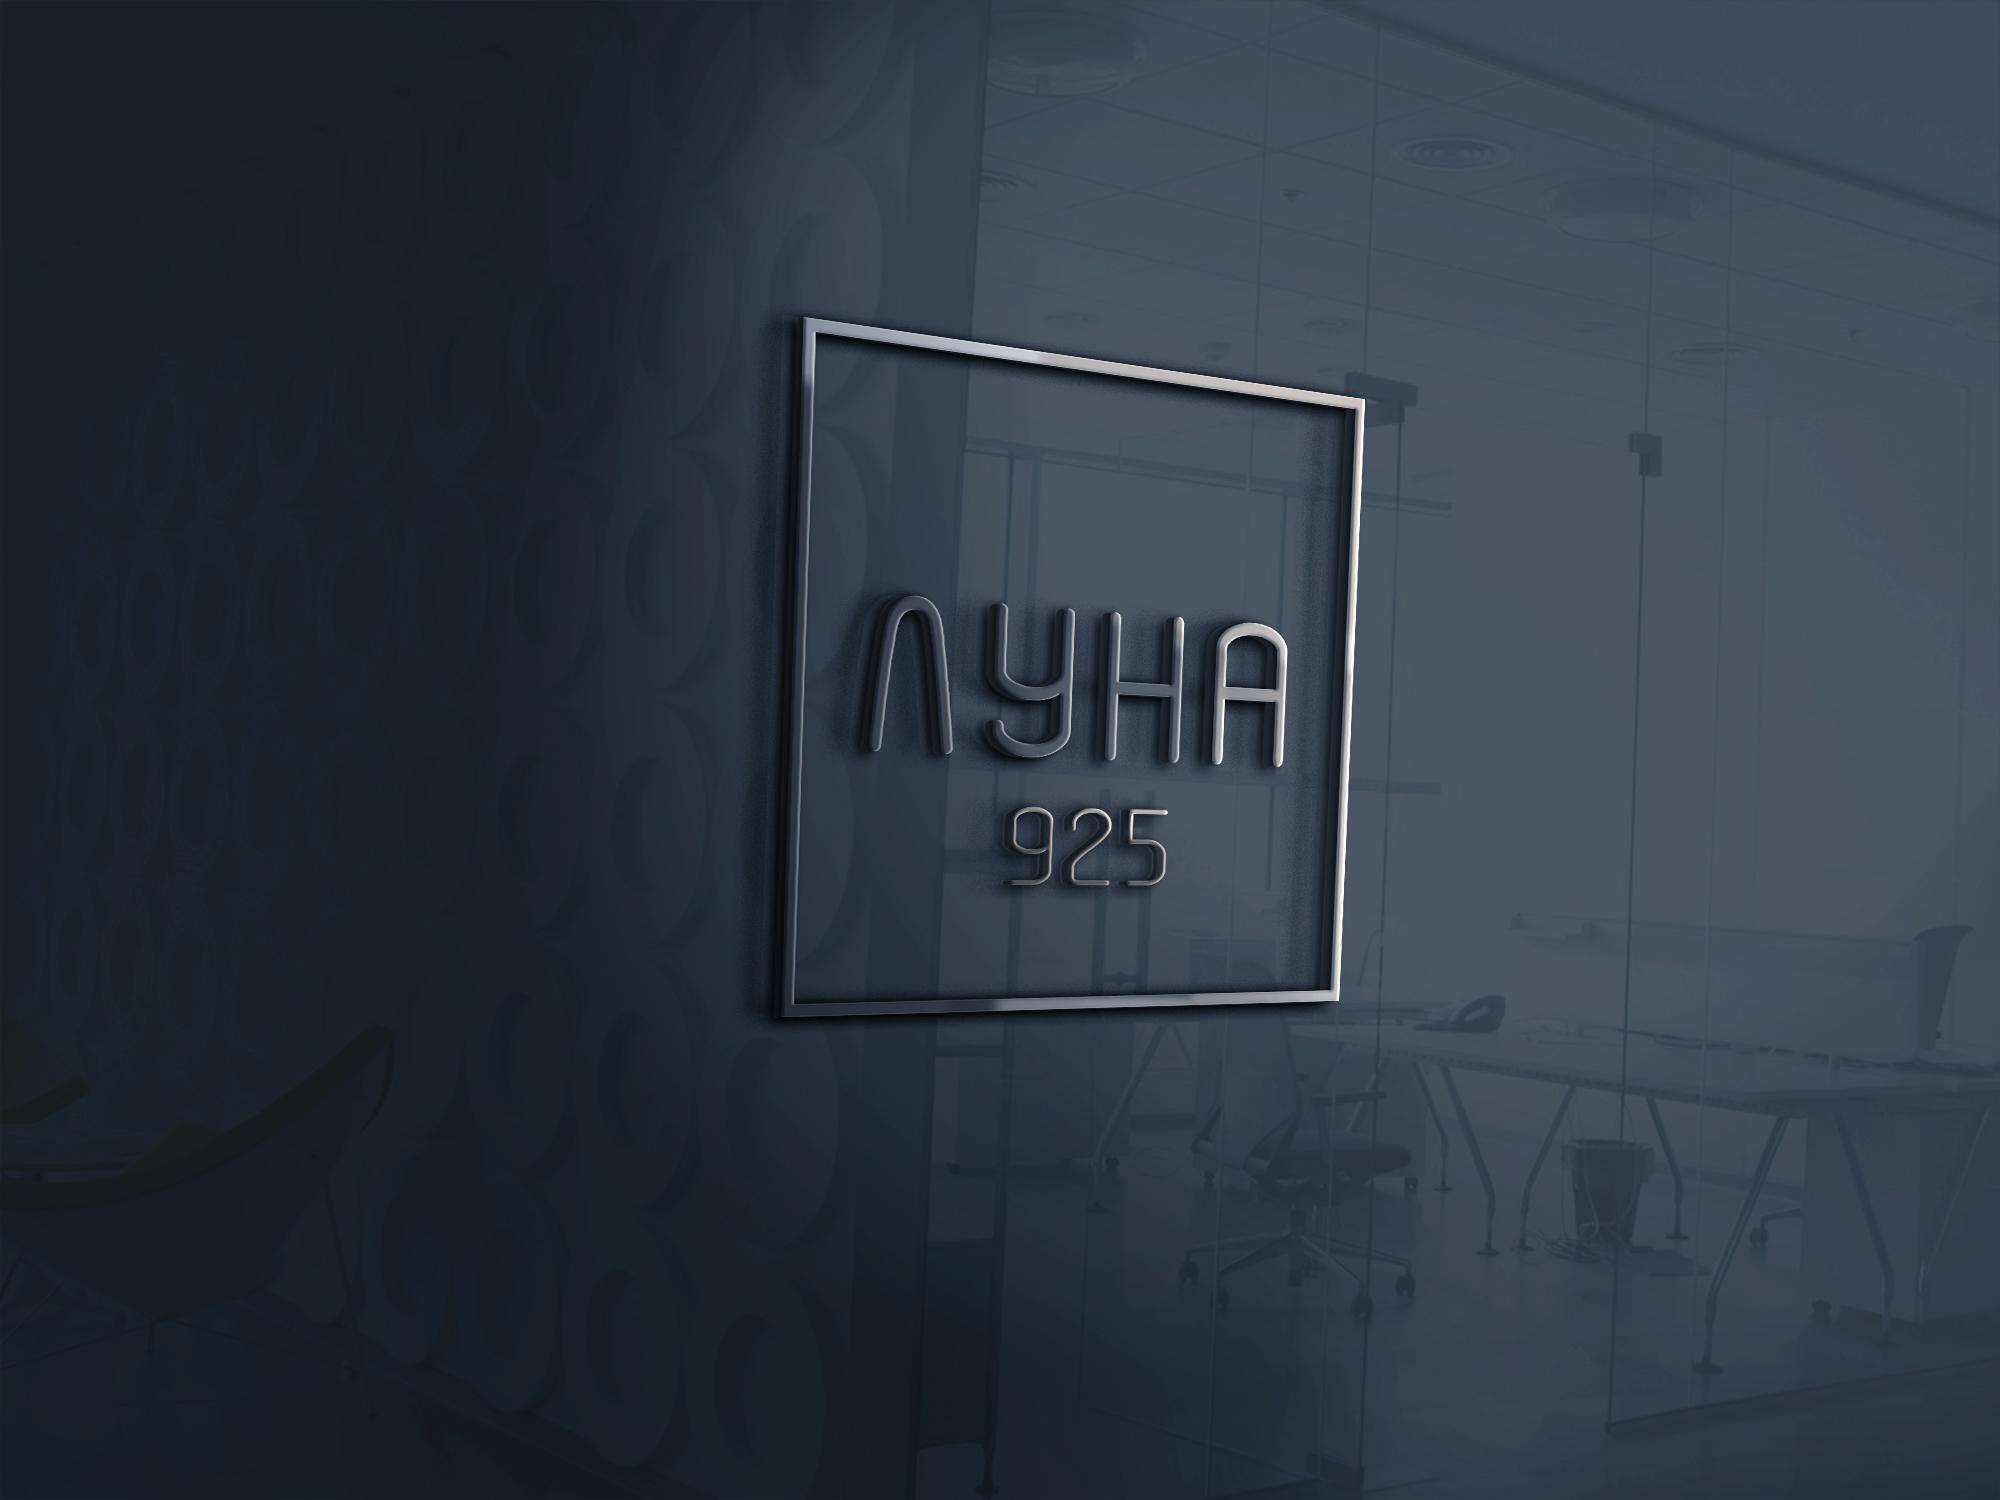 Логотип для столового серебра и посуды из серебра фото f_9445babfe9250361.jpg